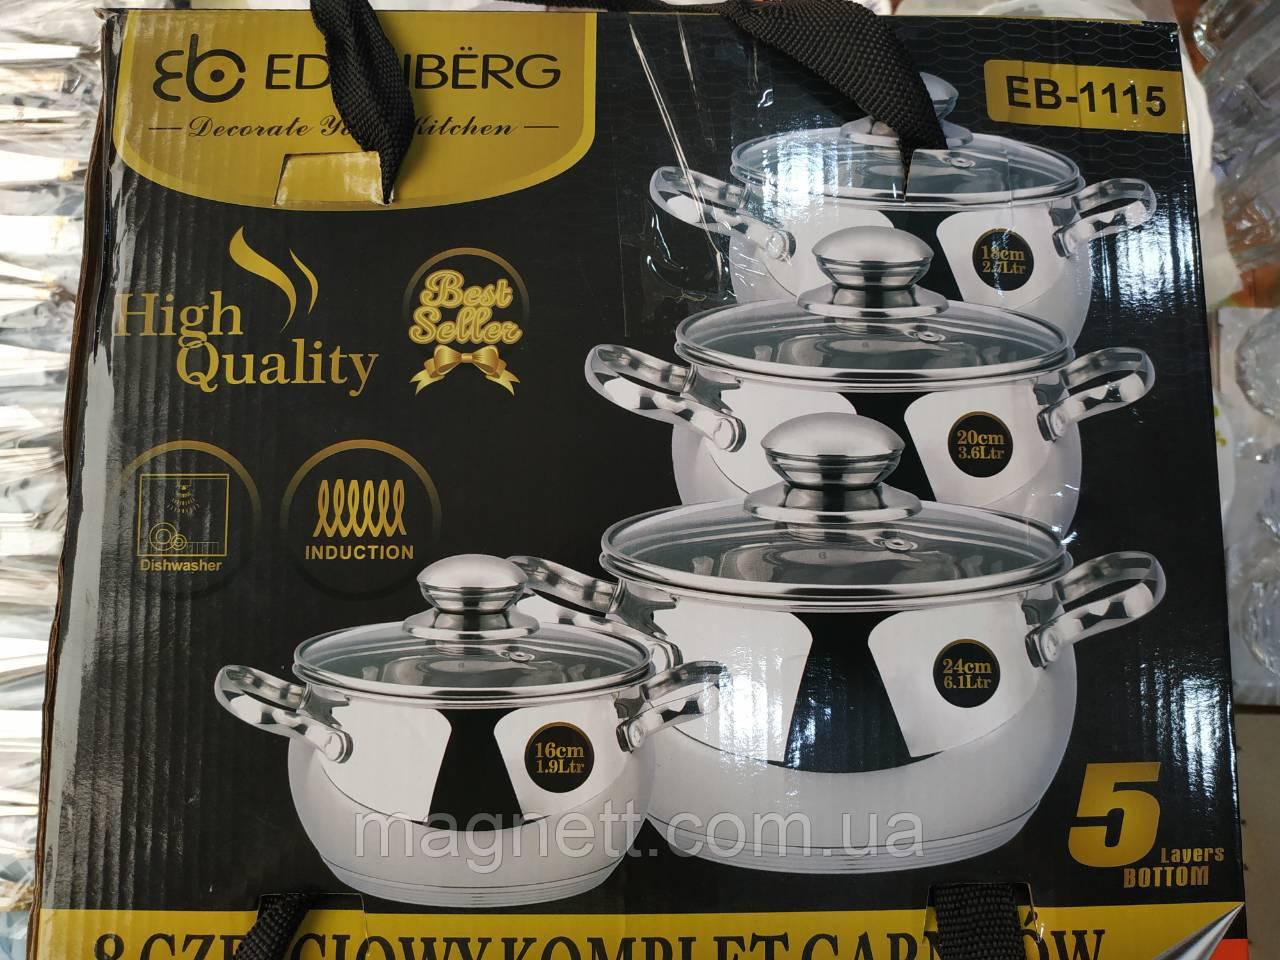 Набор посуды Edenberg EB-1115 из 8 елементов c 5слойным дном